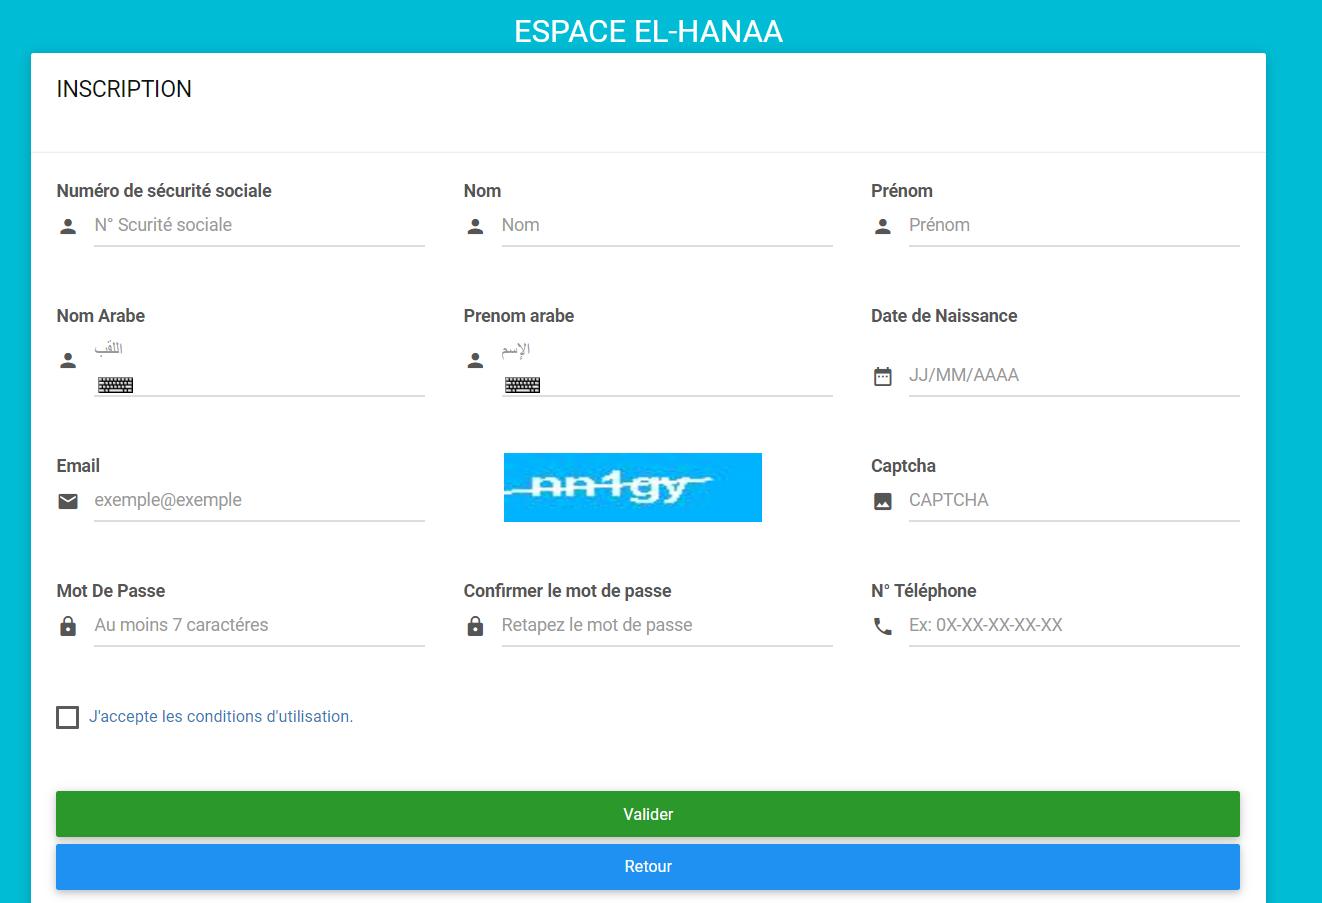 طريقة التسجيل في موقع الضمان الاجتماعي الجزائري elhana inscription 10